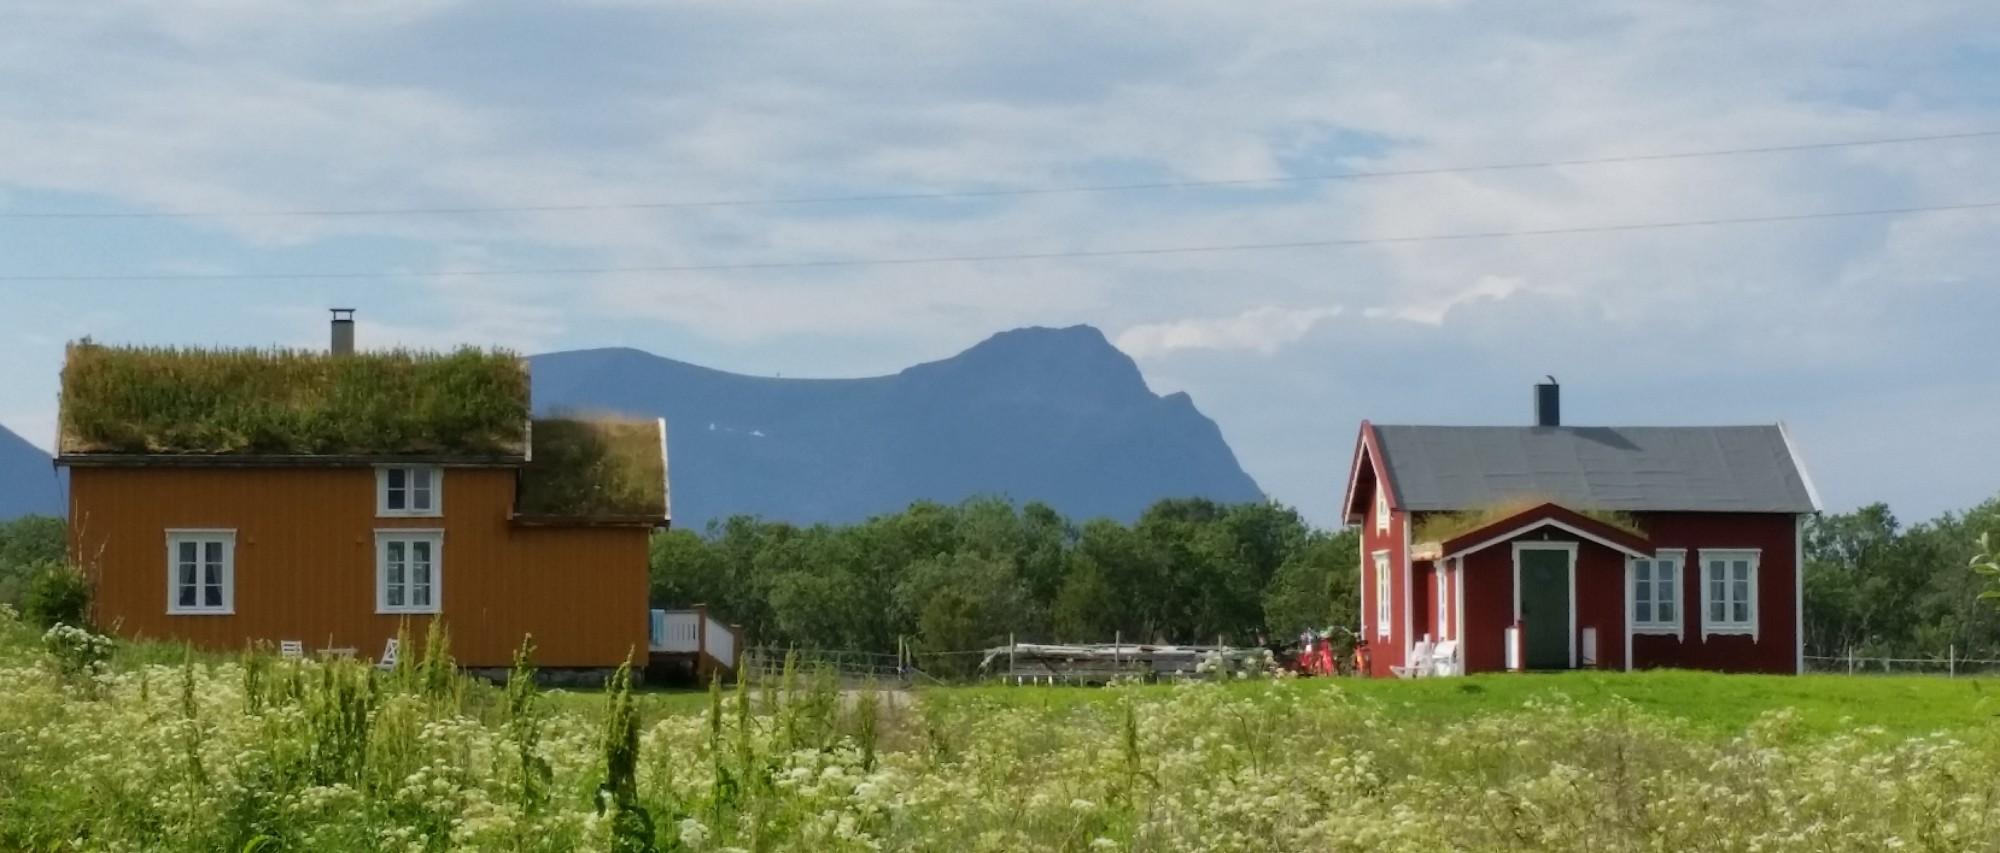 Loviktunet, Andøy, Vesterålen,Nord- Norge